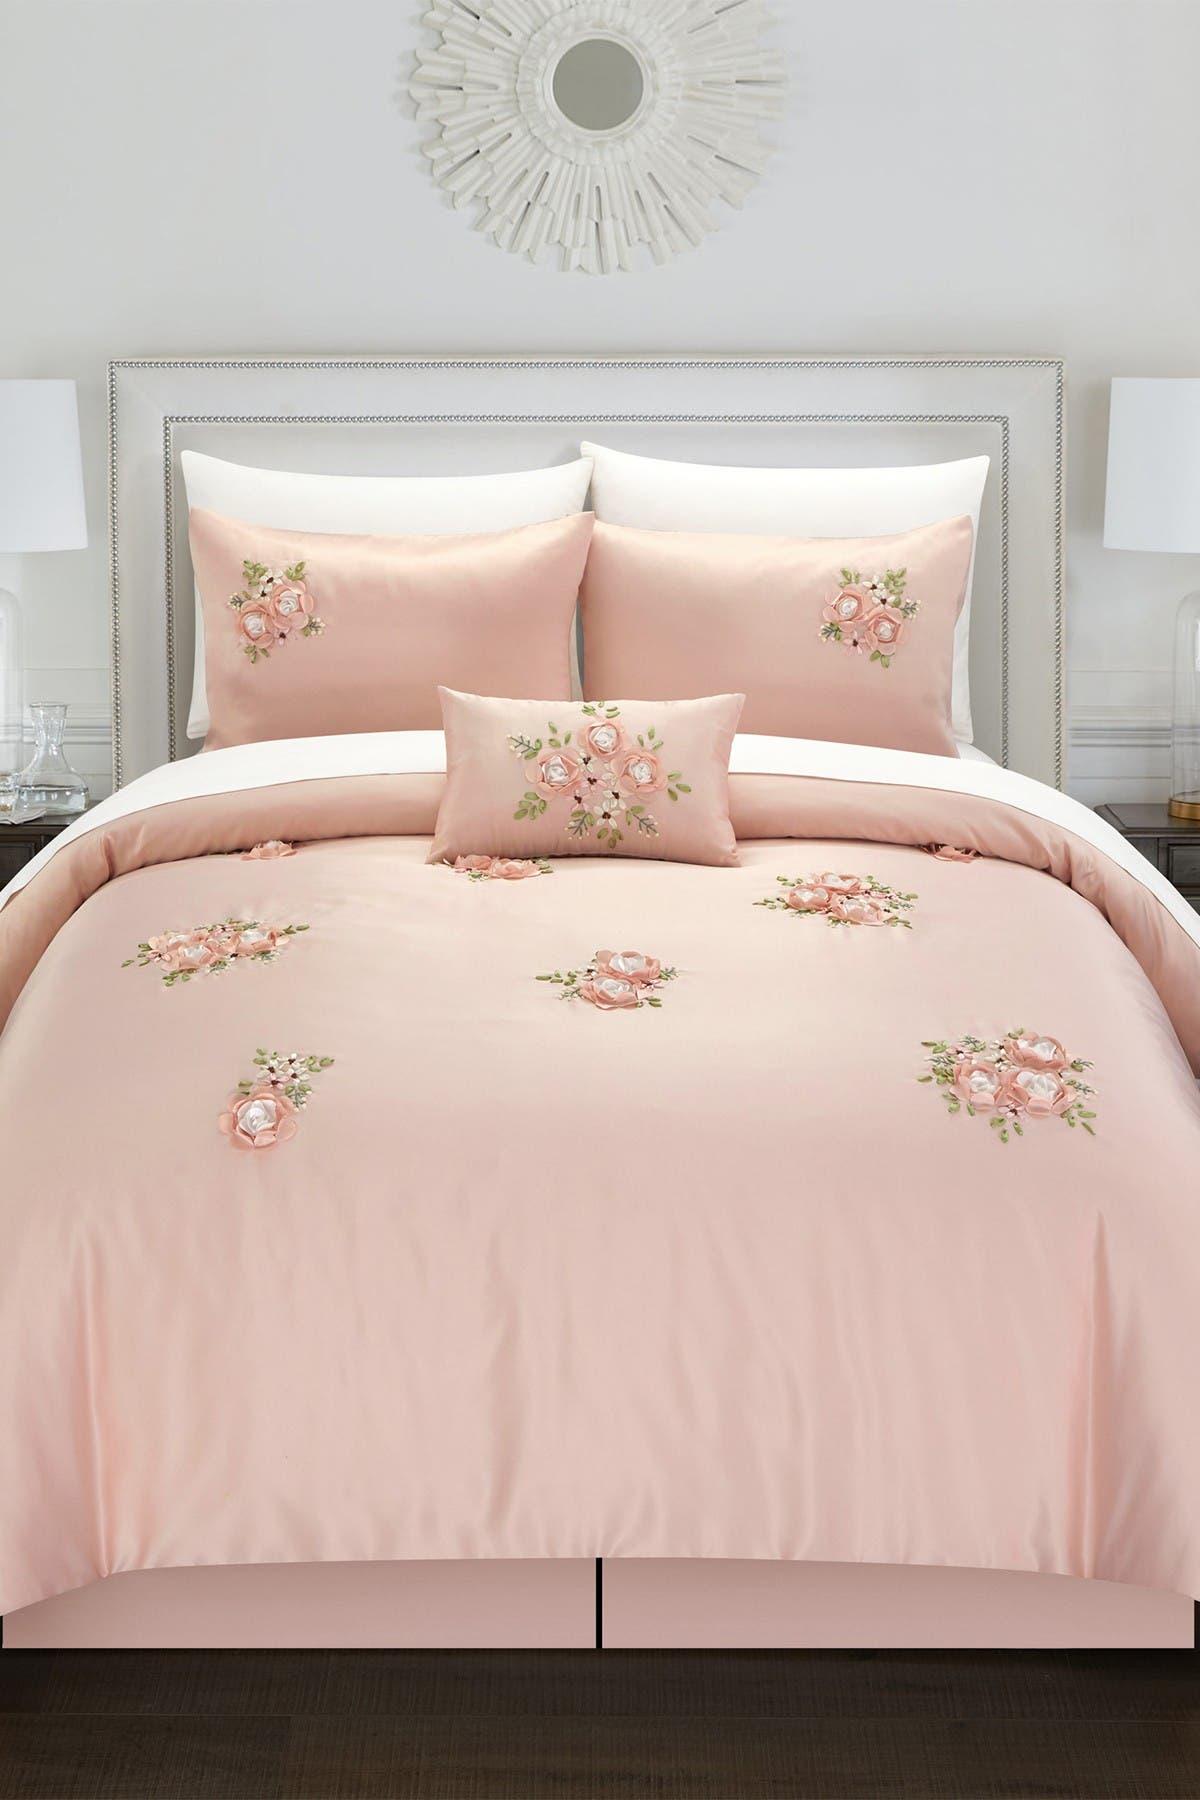 Image of Chic Home Bedding Queen Rossie Comforter 5-Piece Set - Pink